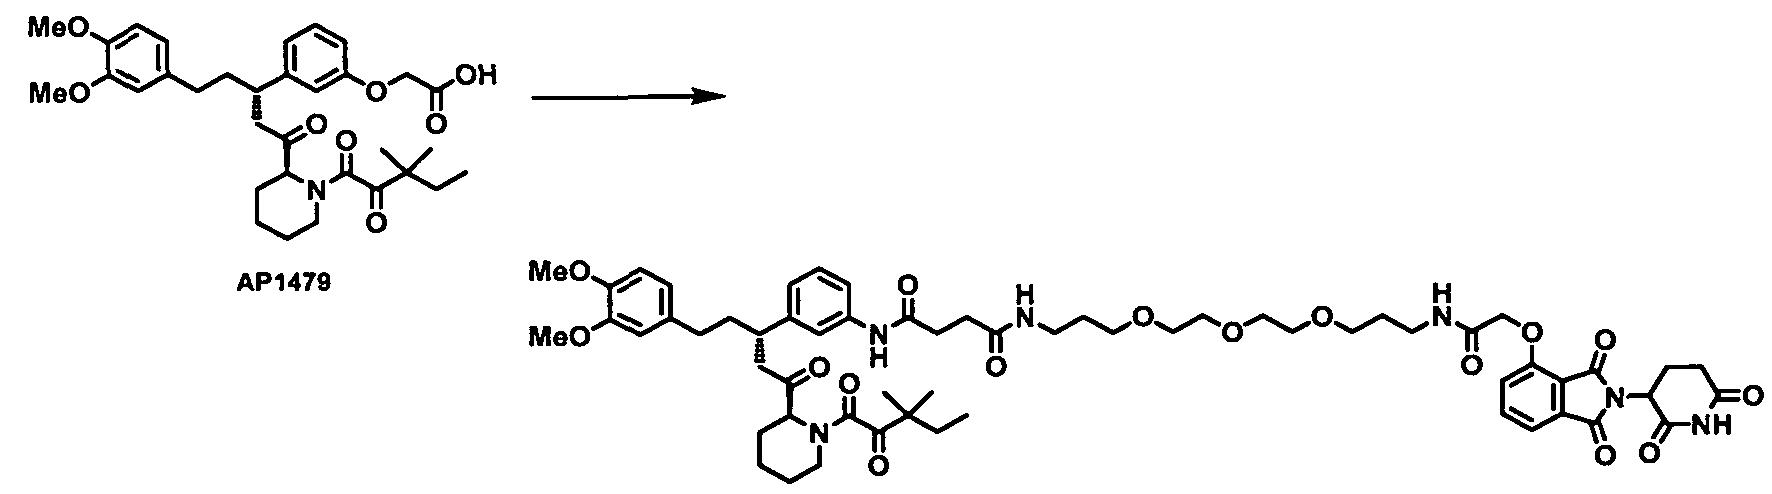 Figure imgf000124_0004